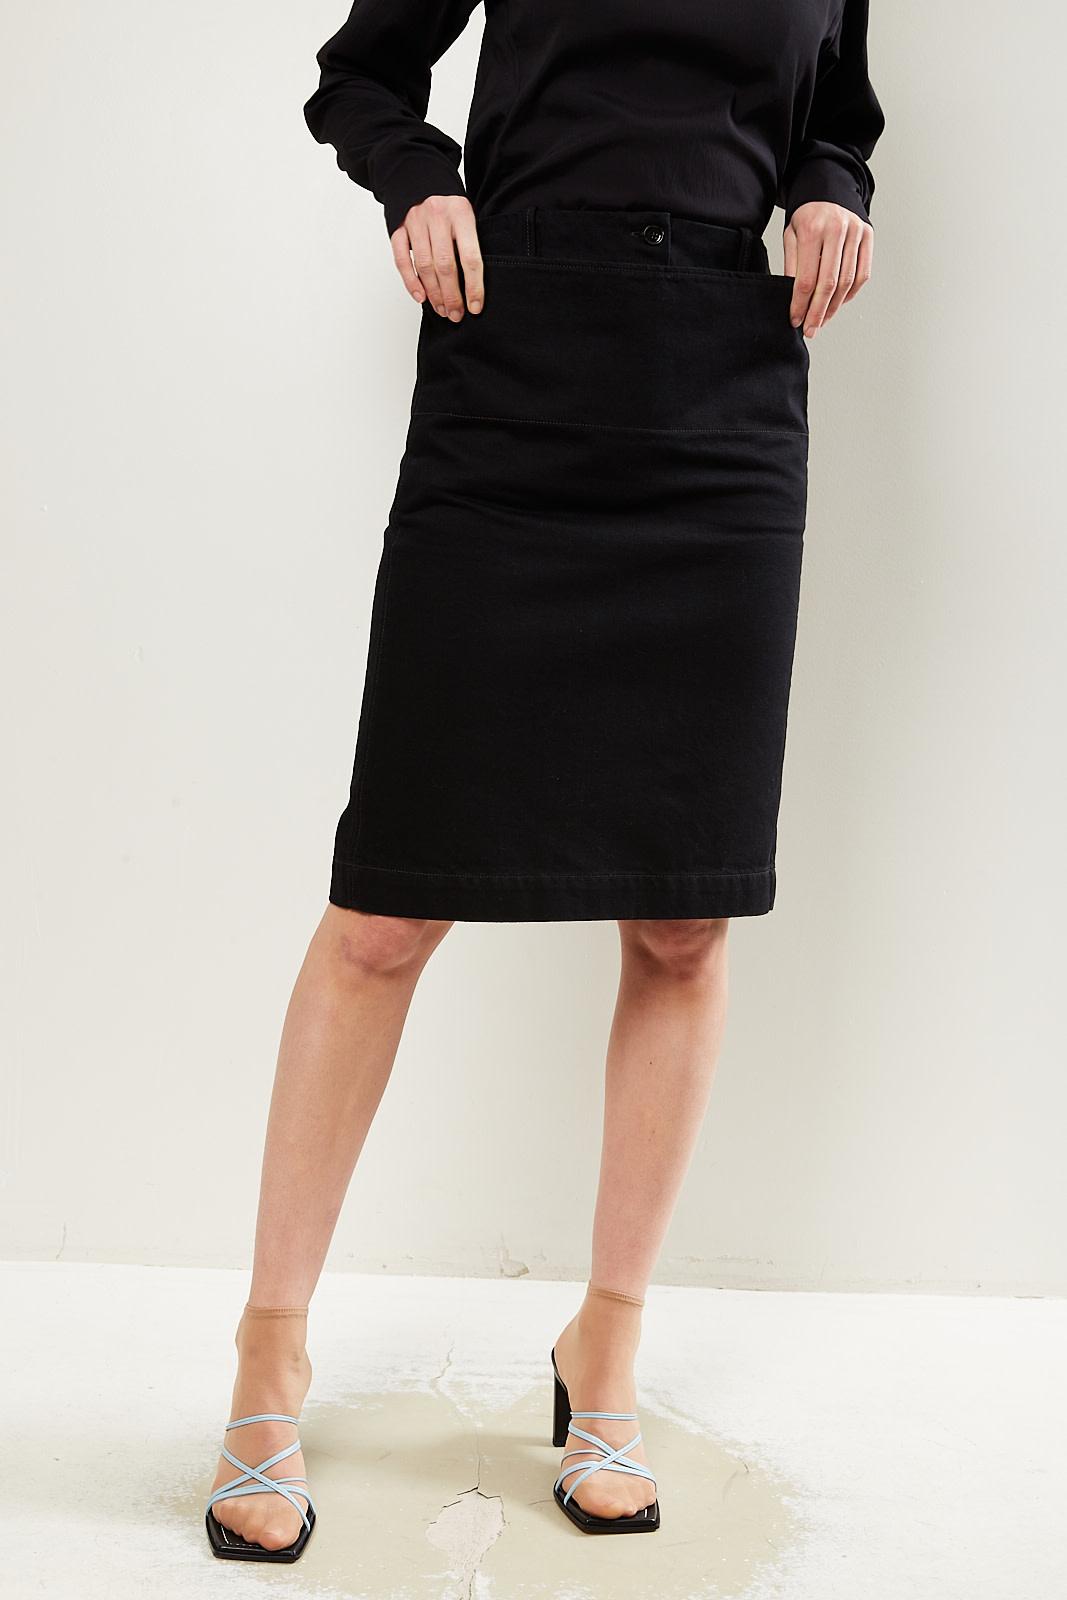 Lemaire Denim straight skirt